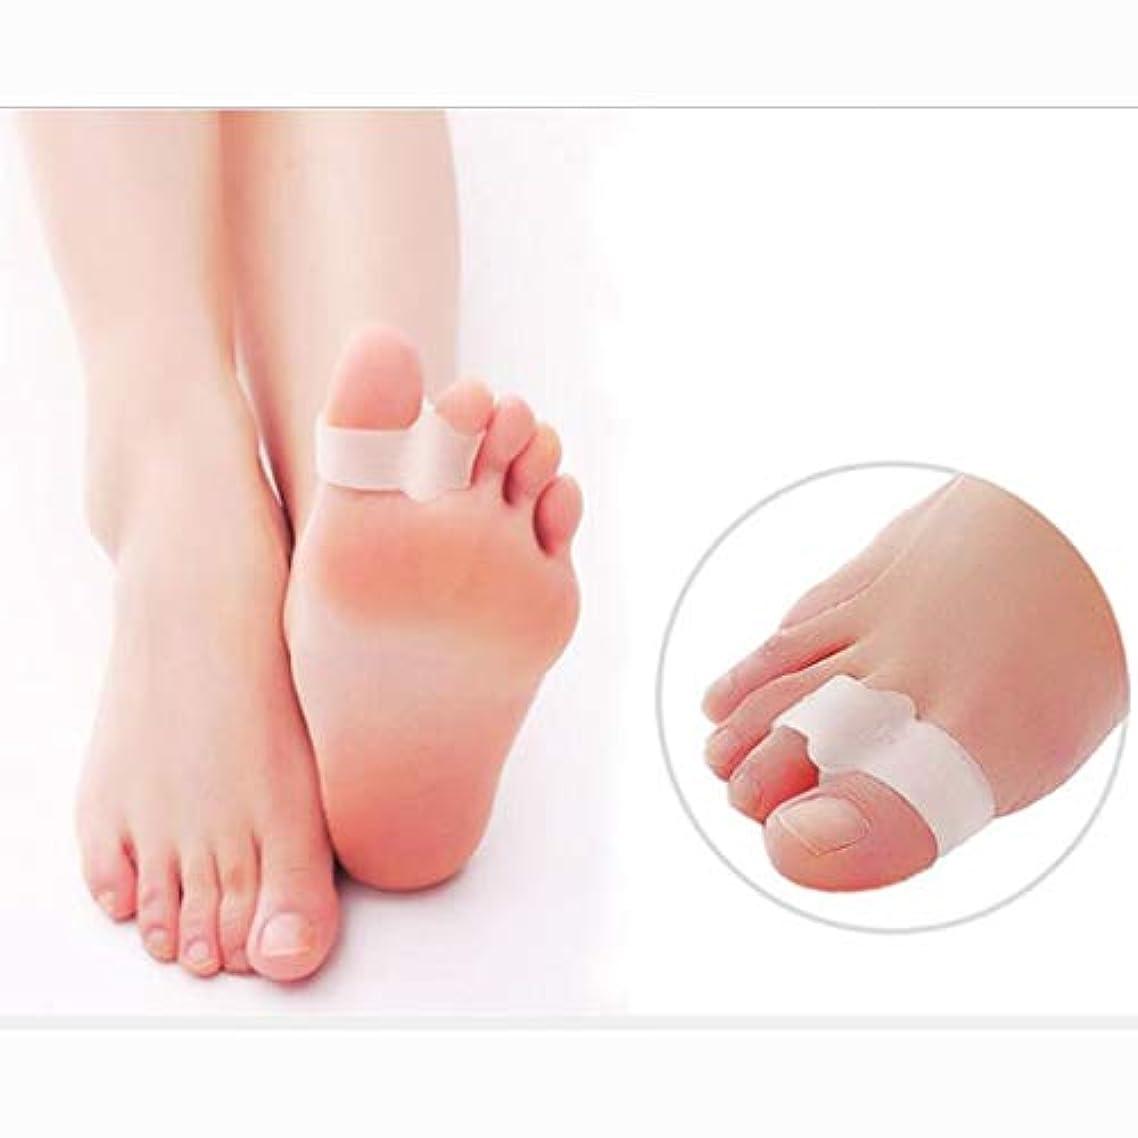 カラス登録する吸い込むFANGQIAO SHOP-脚装具 足矯正器-M-toe Eversion Hemper Toe Head Big Bone Toe Overlapping Finger Deviator 脚装具-10.11 (Size...